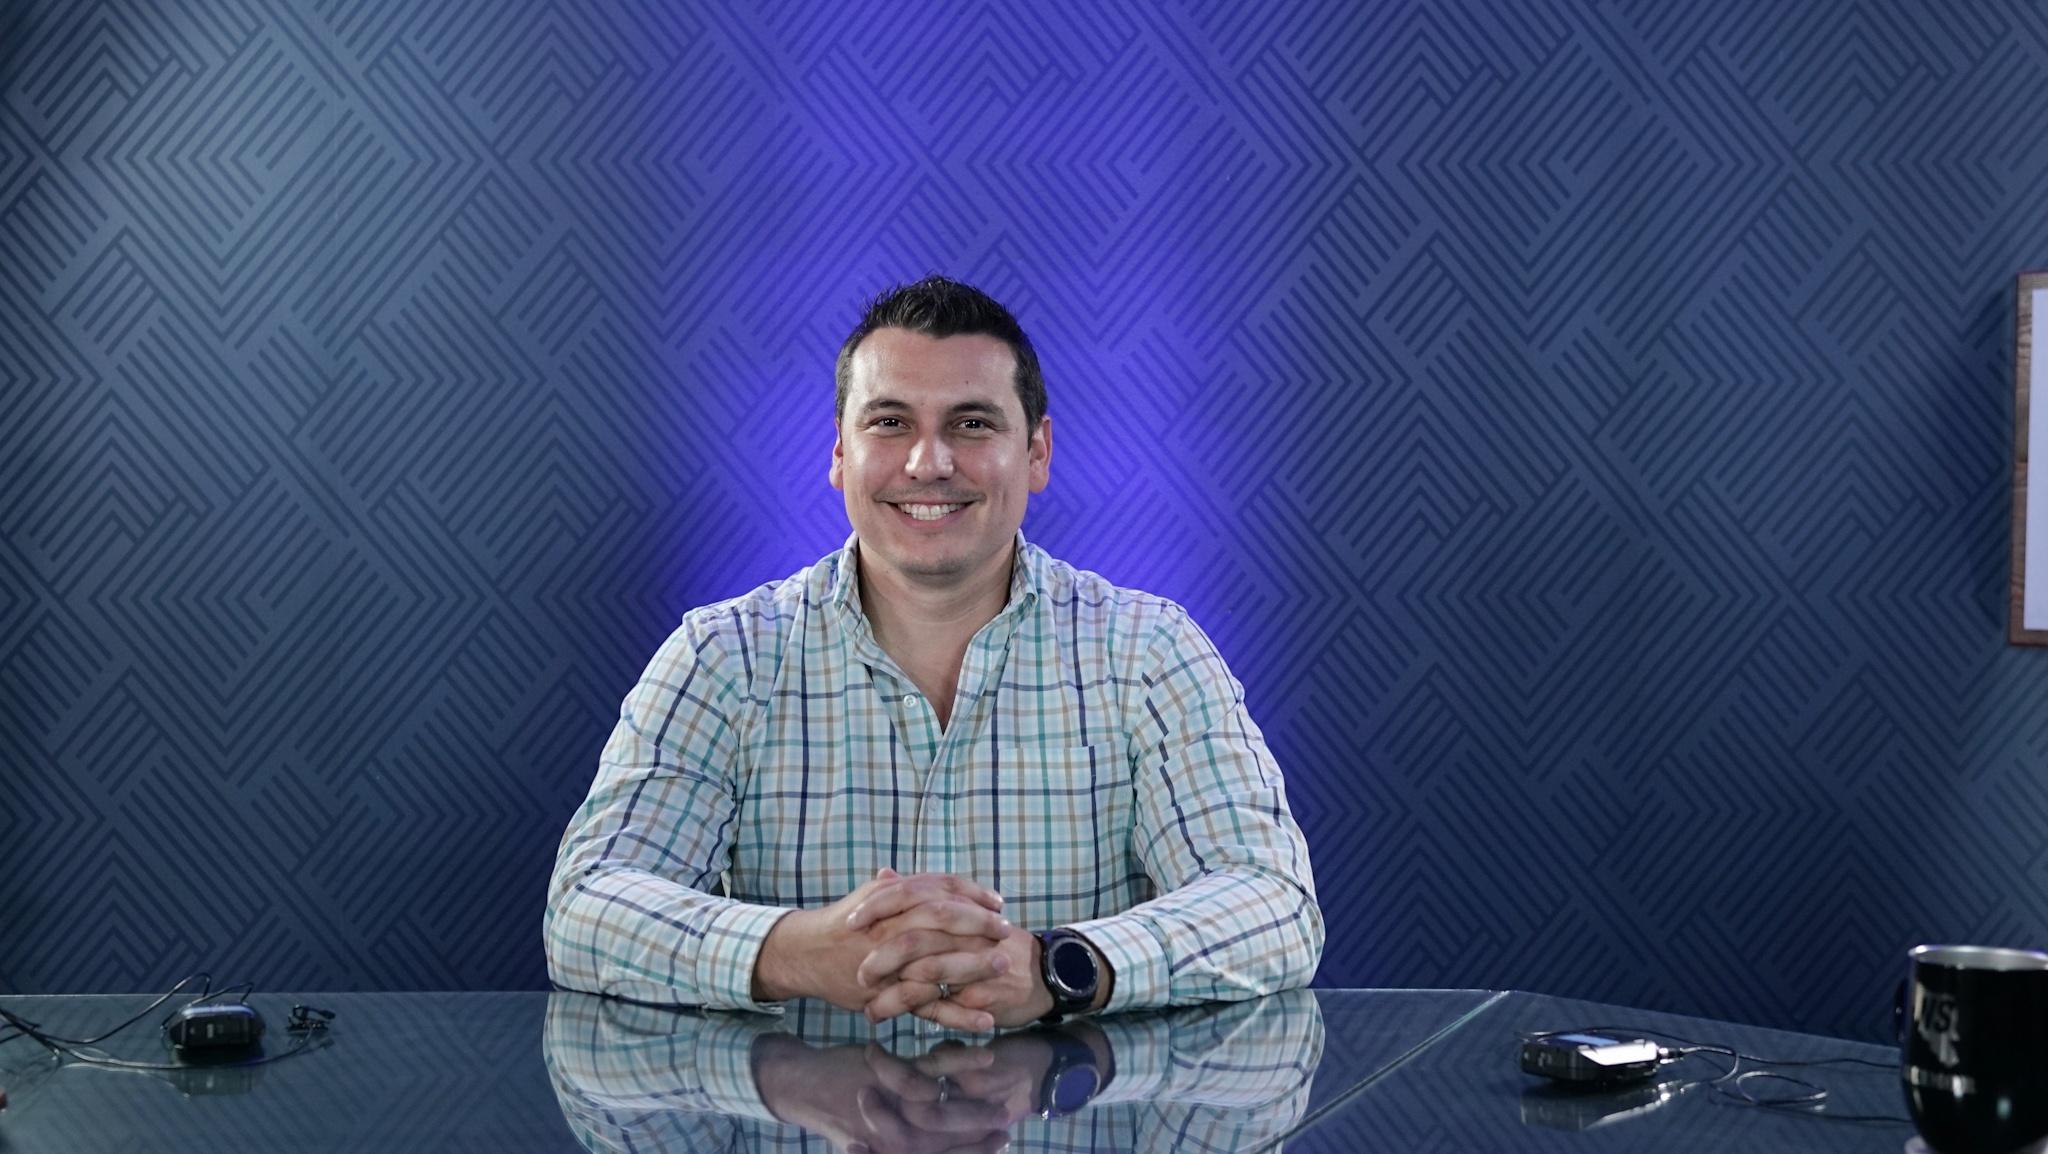 Agua Prieta tiene el potencial para dar el gran salto al desarrollo: Luis Rivera